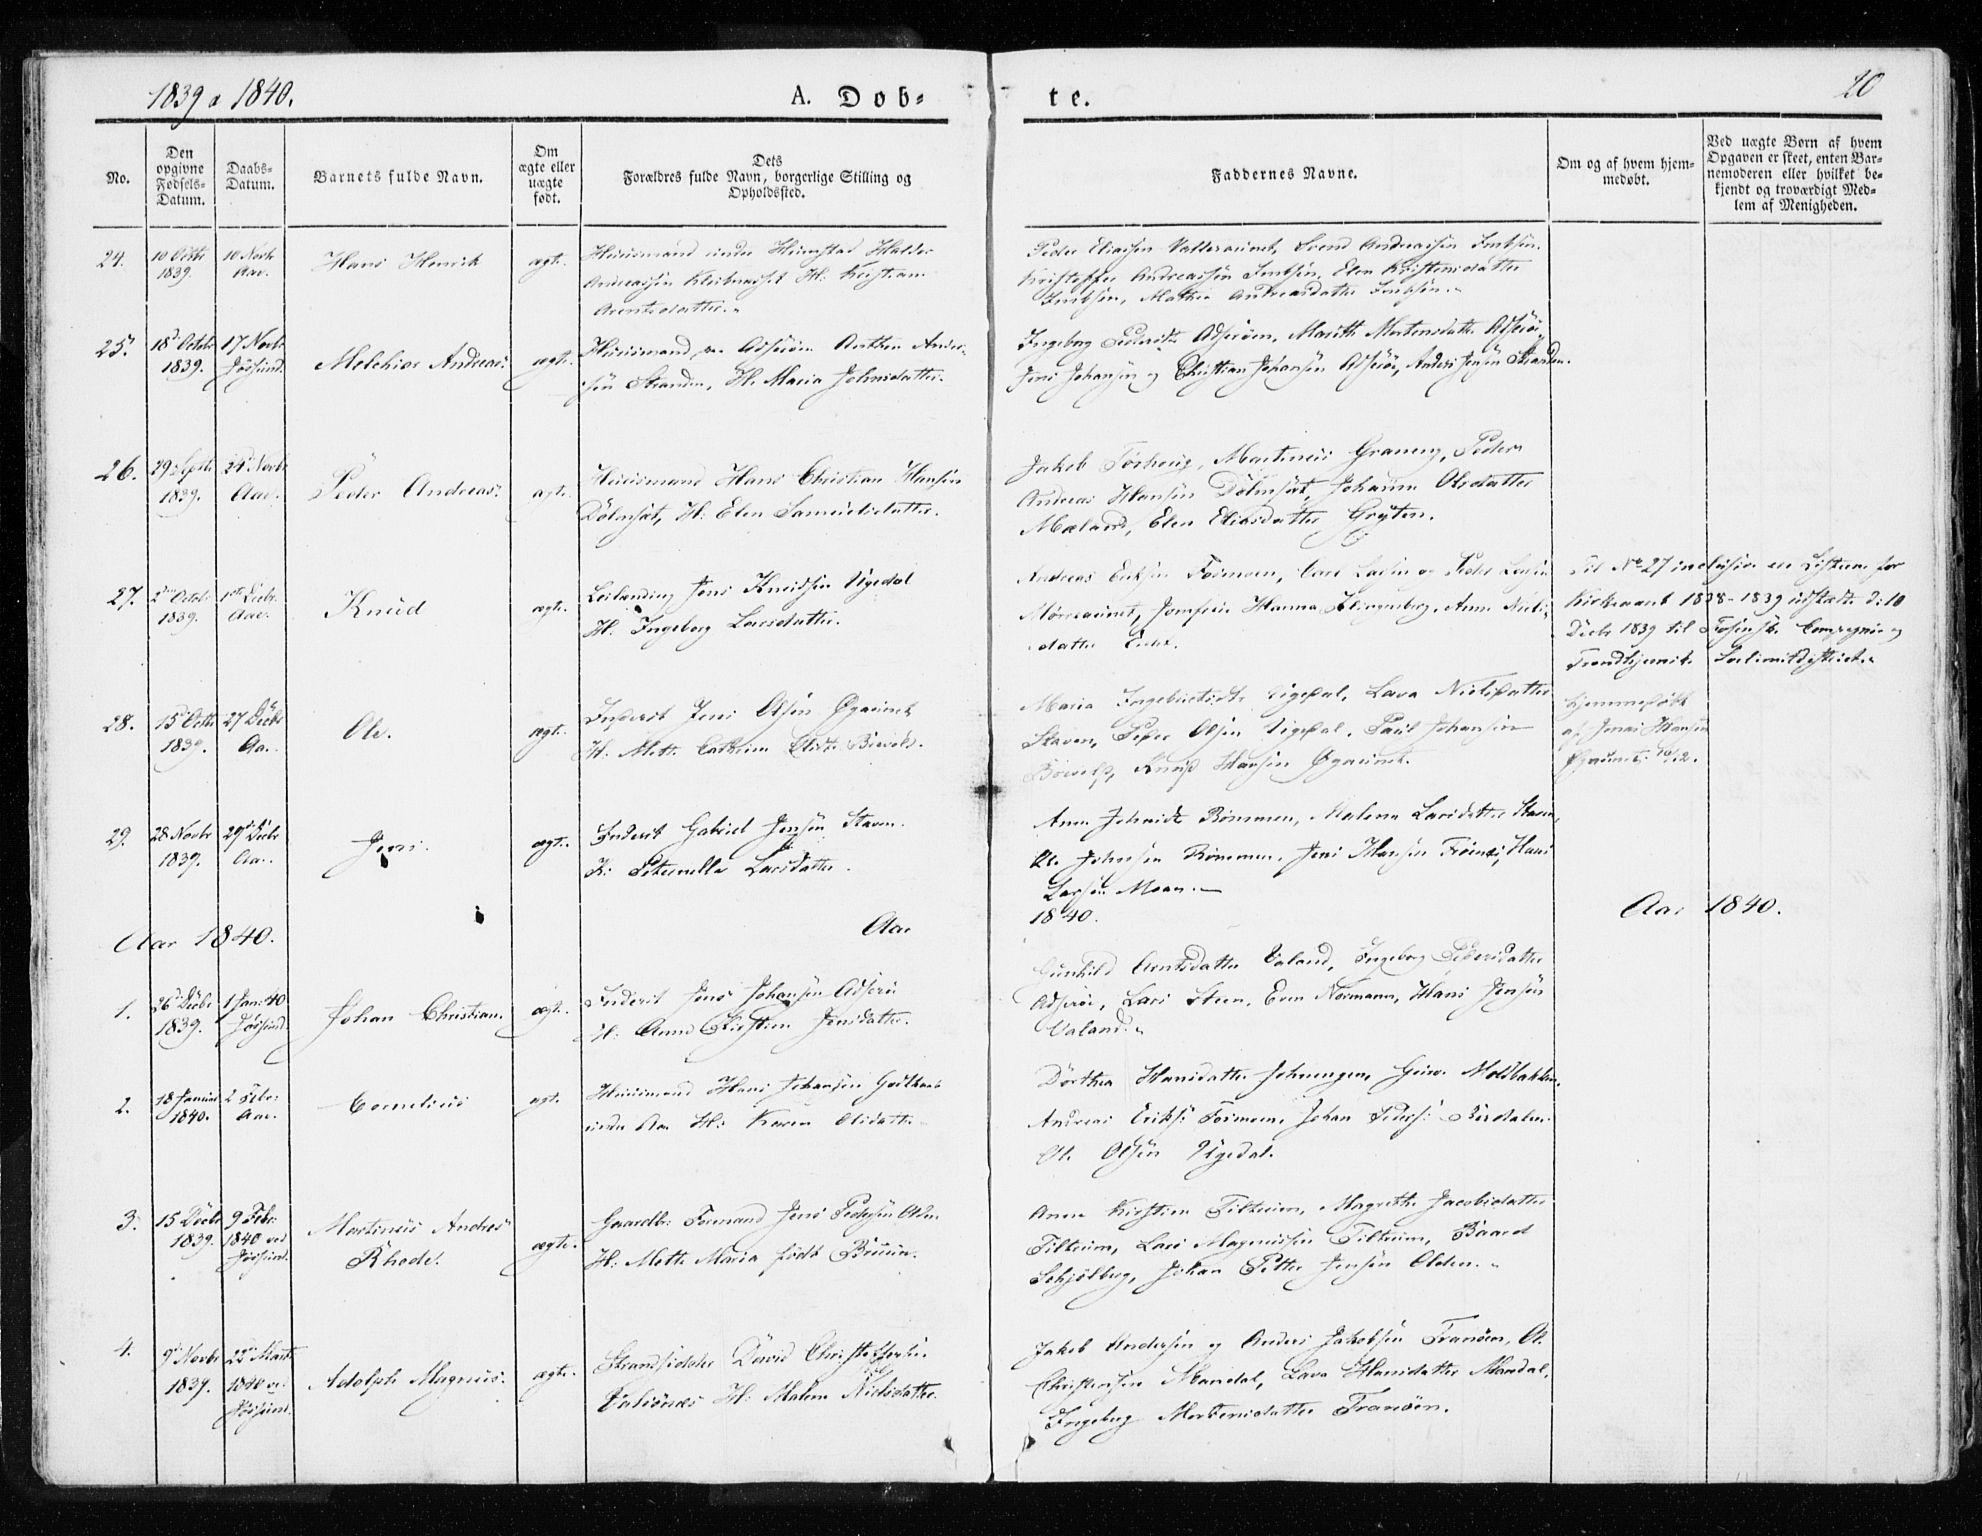 SAT, Ministerialprotokoller, klokkerbøker og fødselsregistre - Sør-Trøndelag, 655/L0676: Ministerialbok nr. 655A05, 1830-1847, s. 20